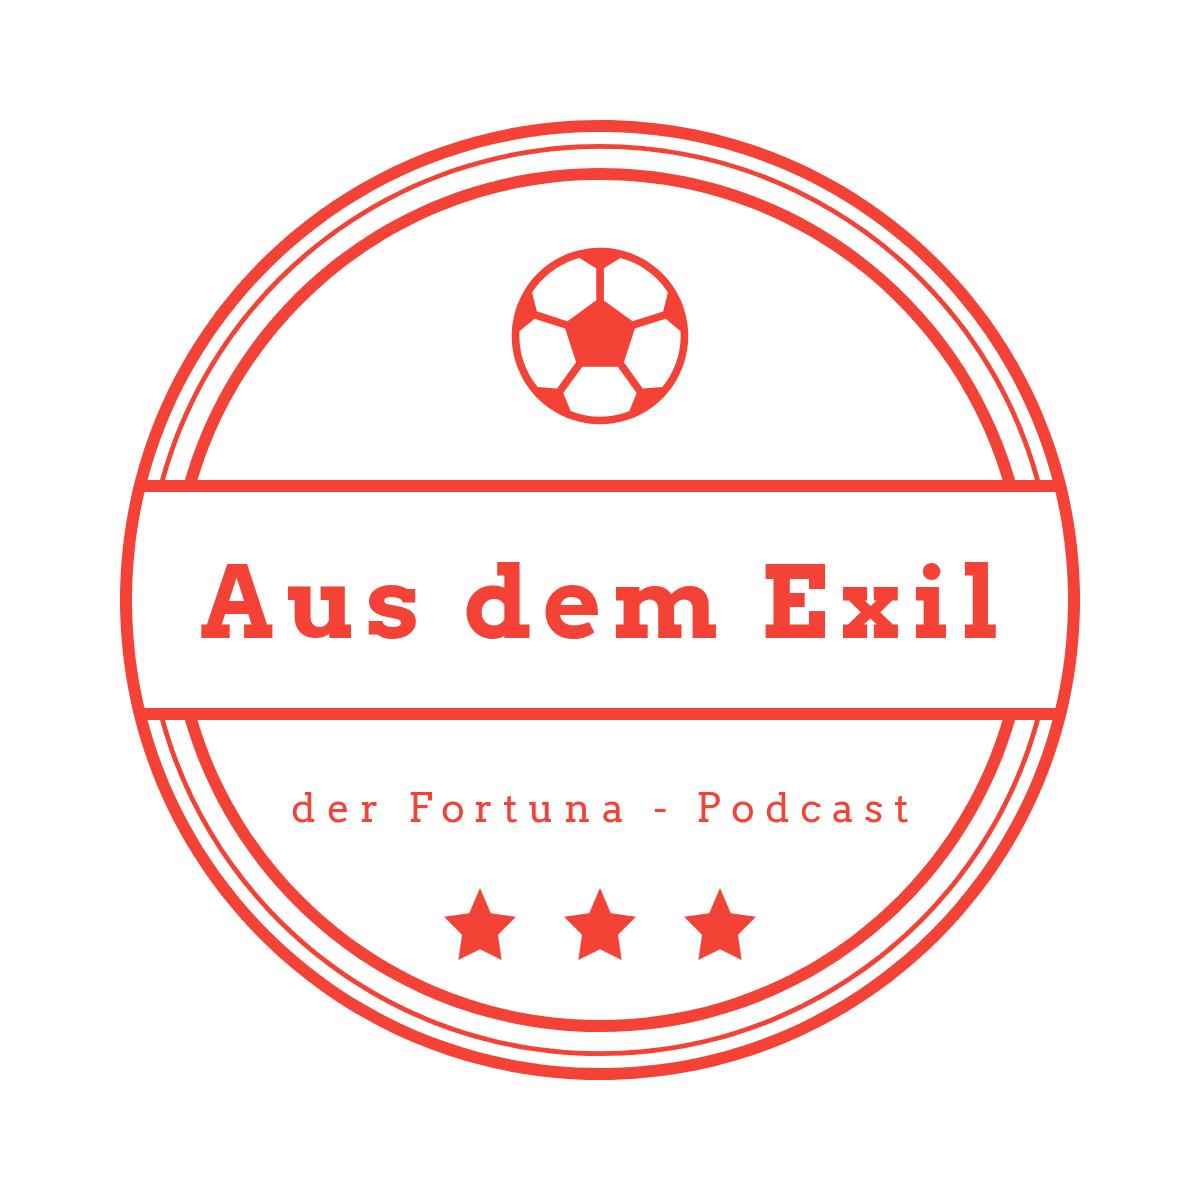 aus dem Exil - der Fortuna-Podcast